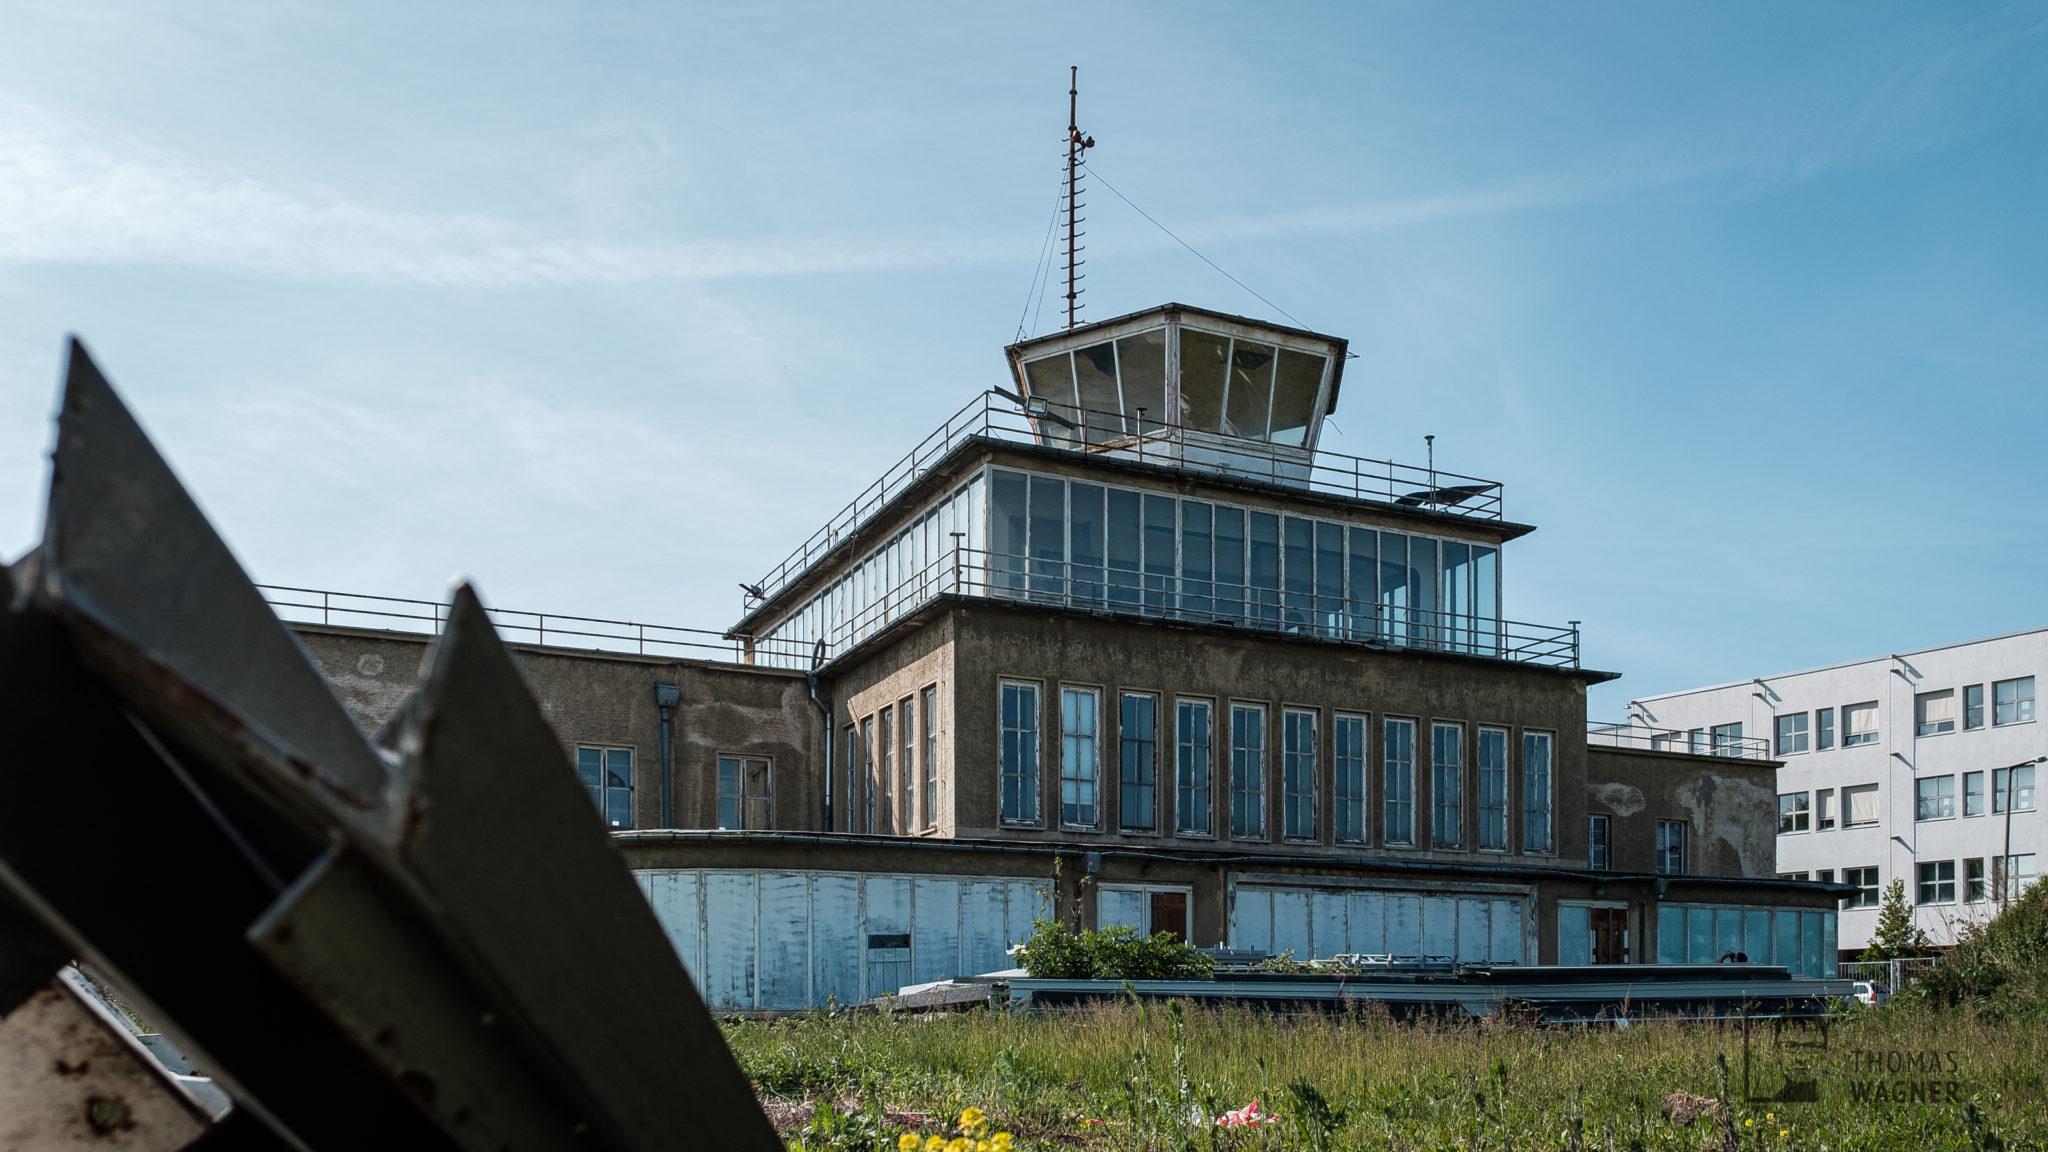 Flughafen Leipzig-Mockau - Lost Place